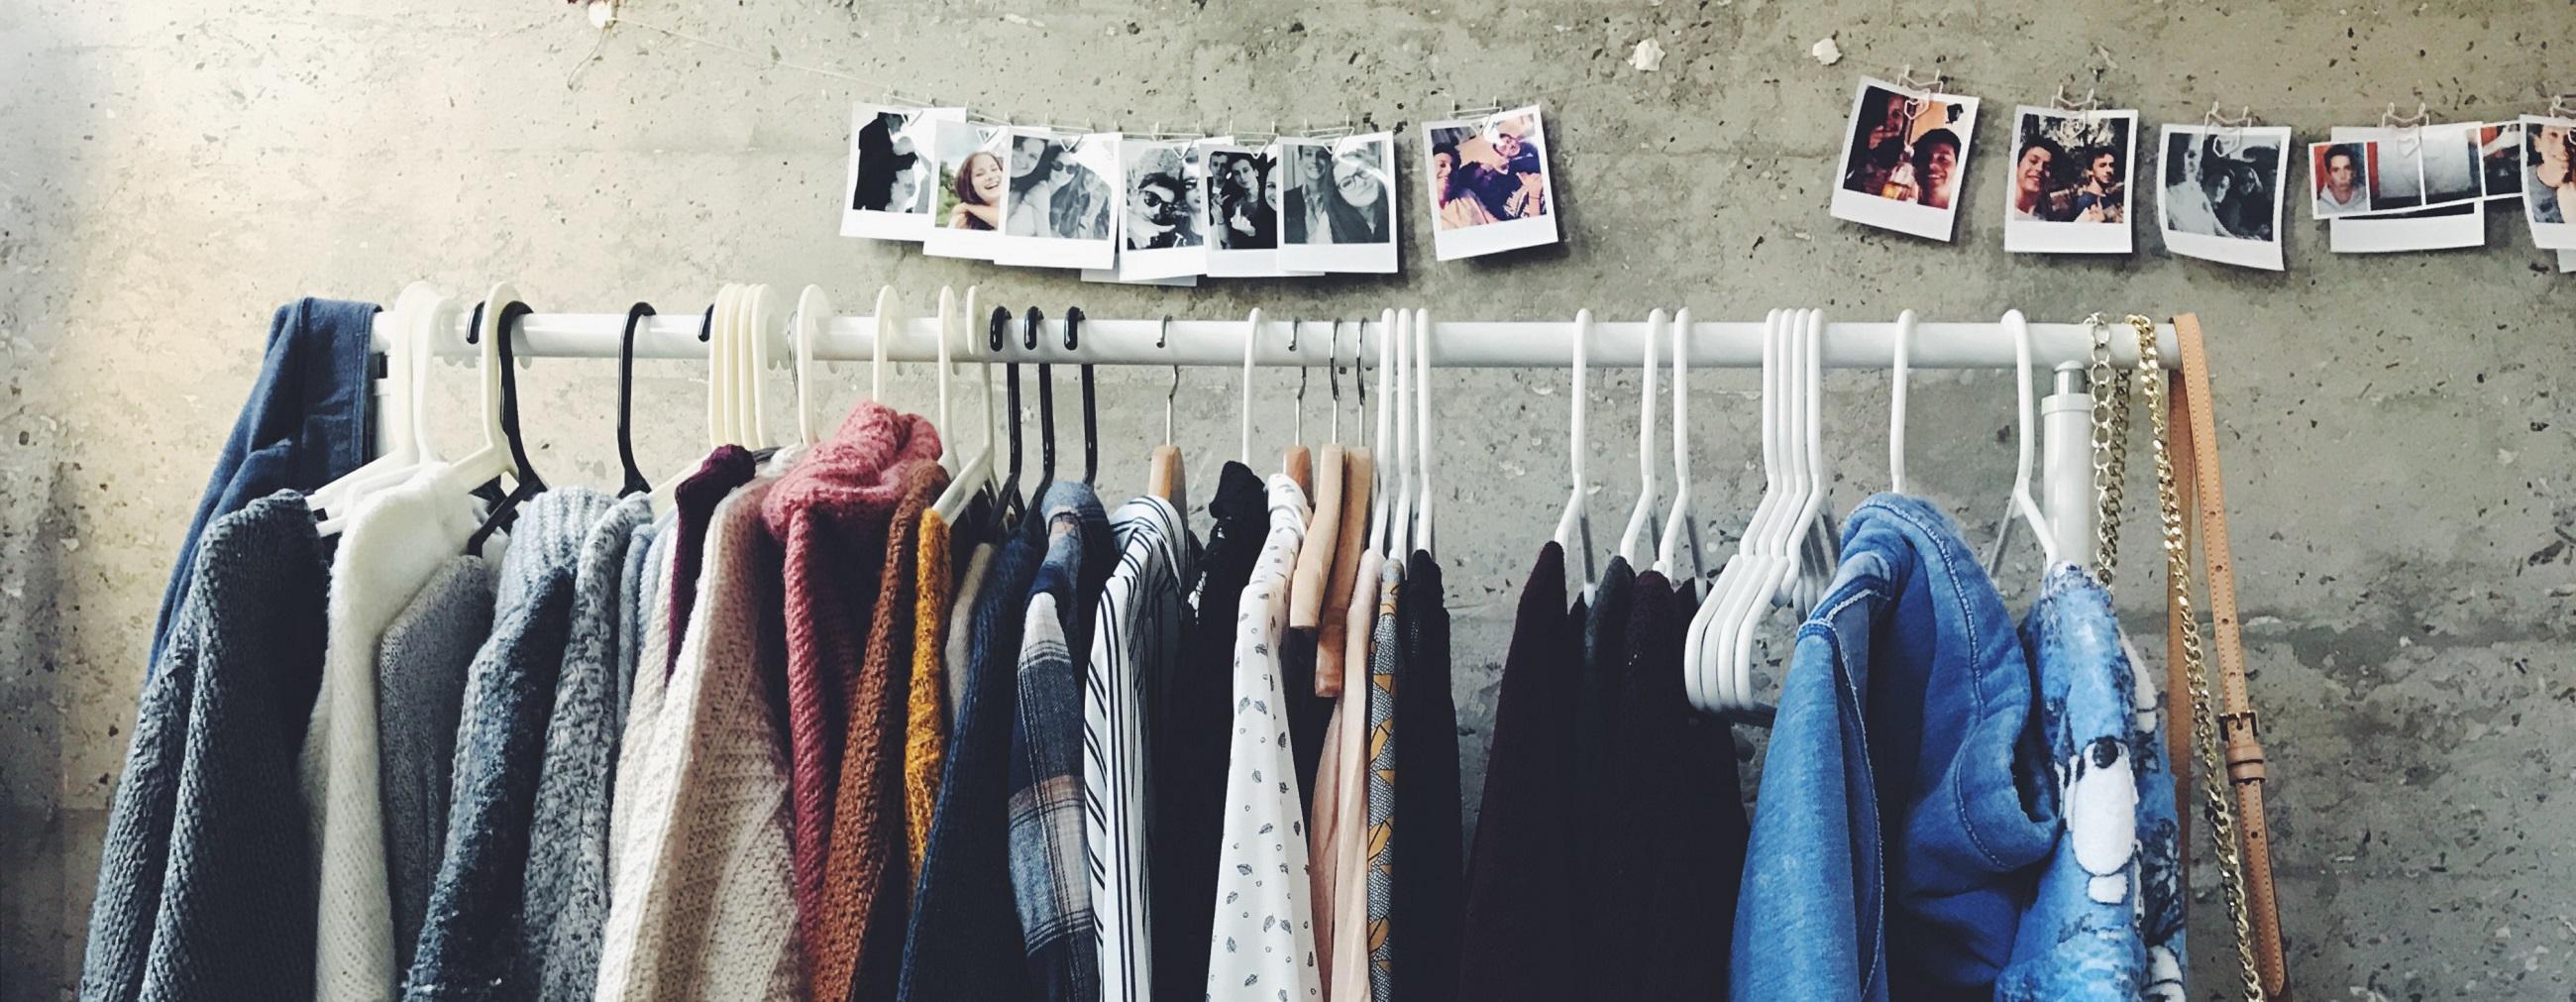 shopping-tours-fashionista